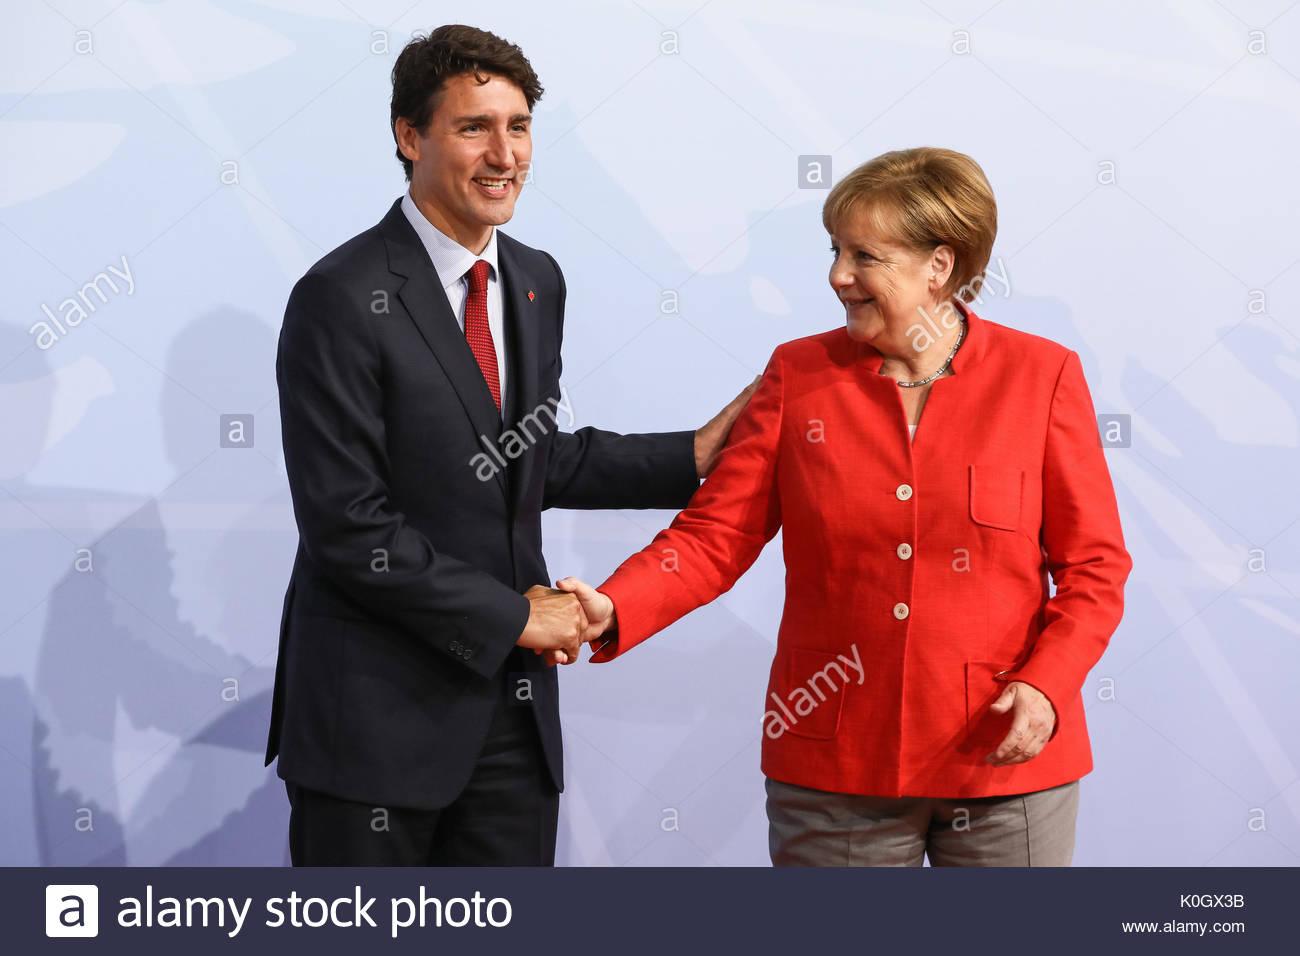 Justin Trudeau, Premierminister Kanadas wird beim Defilee / Empfang zum G20 Gipfel in den Messehallen in Hamburg von Bundeskanzlerin Angela Merkel emp - Stock Image